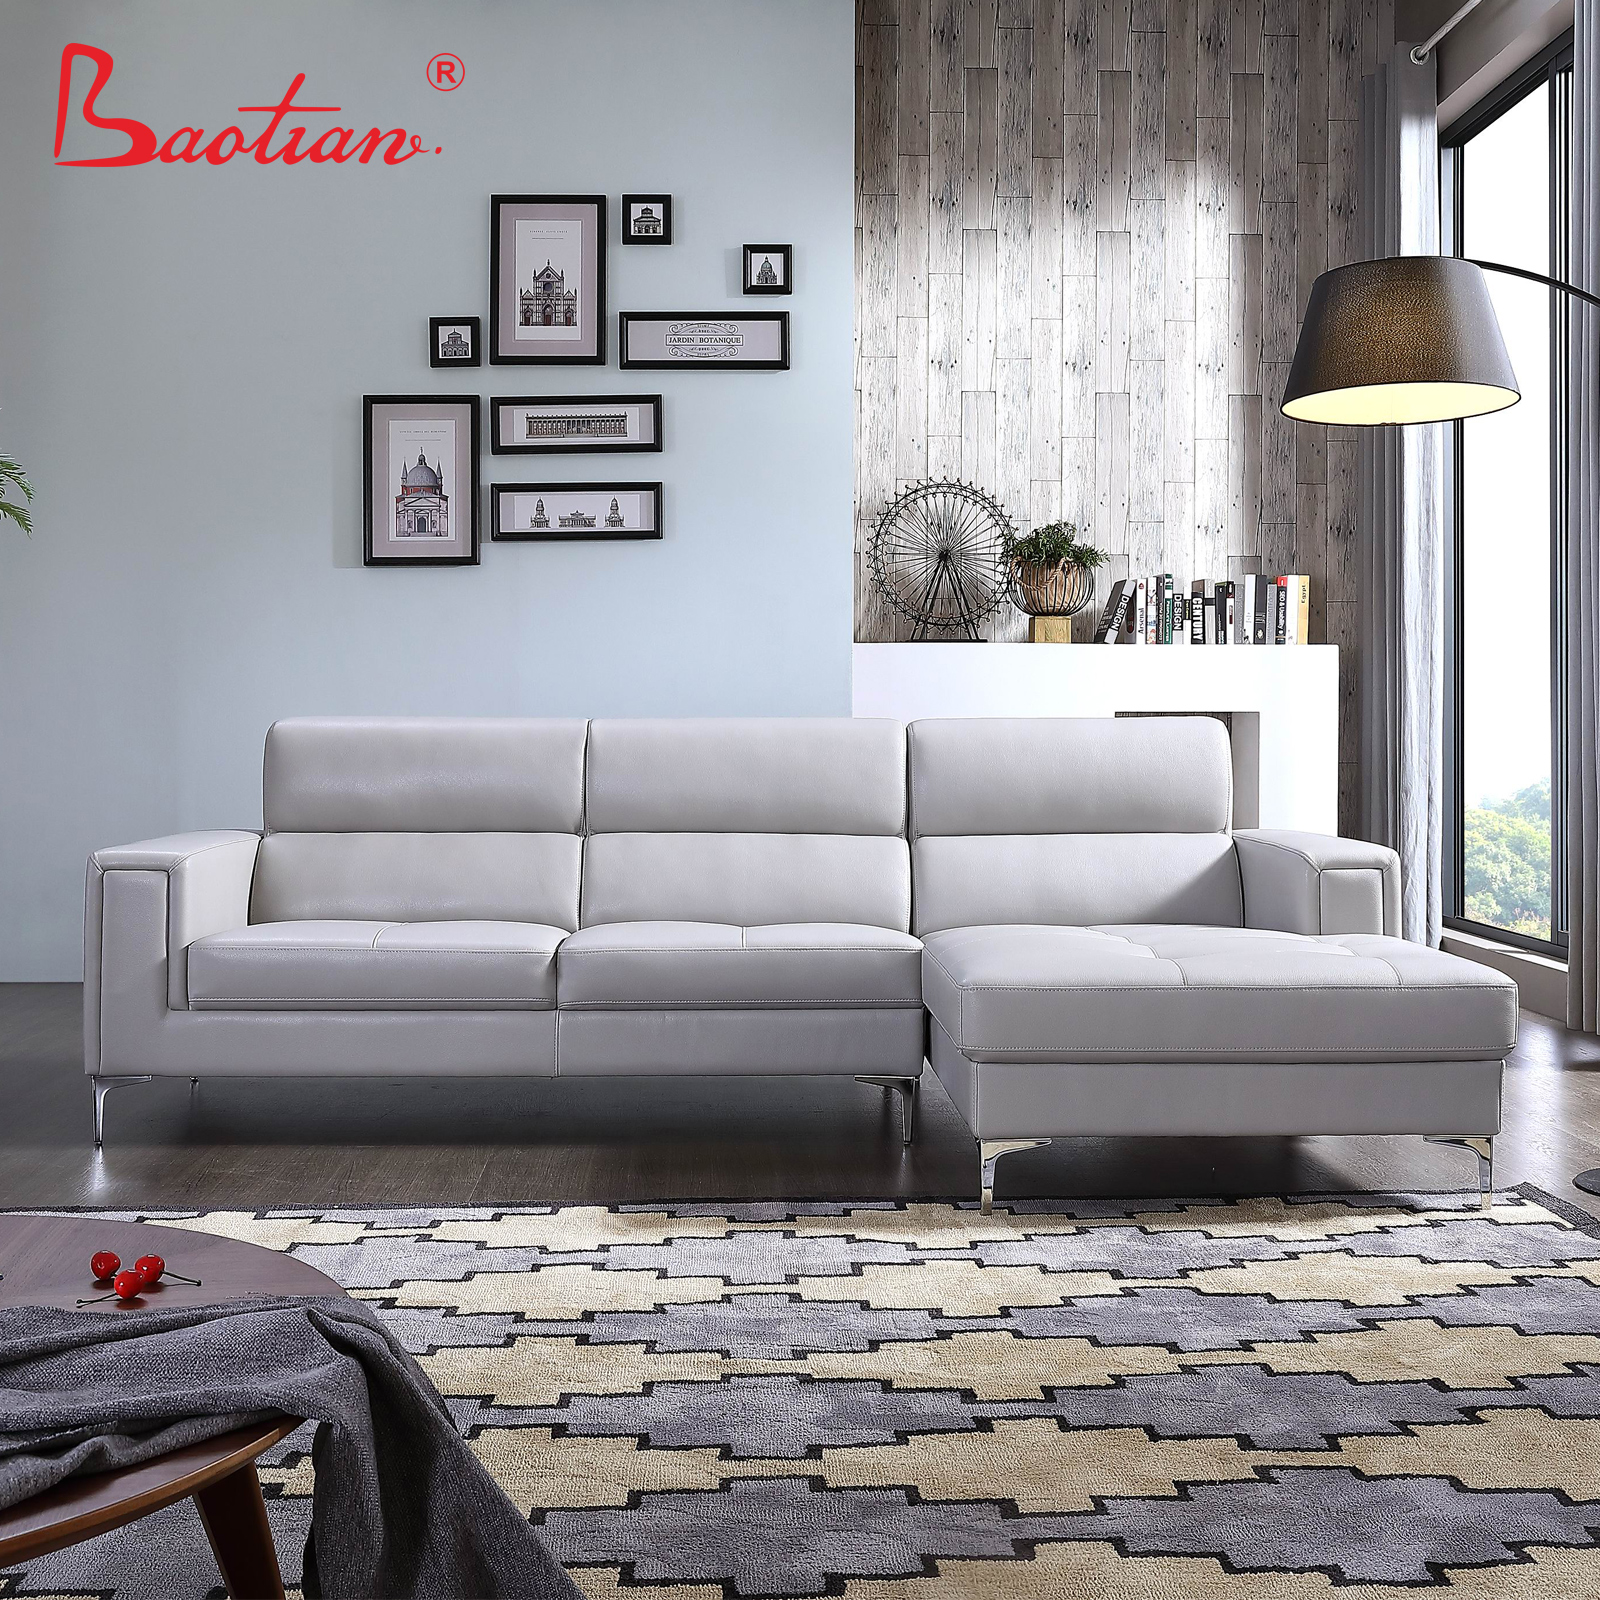 Super New Living Room Modern Style Leather Sofa Set 7 Seater Designs Fabric Sofa Set Furniture Buy Leather Sofa Set Sofa Set 7 Seater Sofa Set Designs Inzonedesignstudio Interior Chair Design Inzonedesignstudiocom